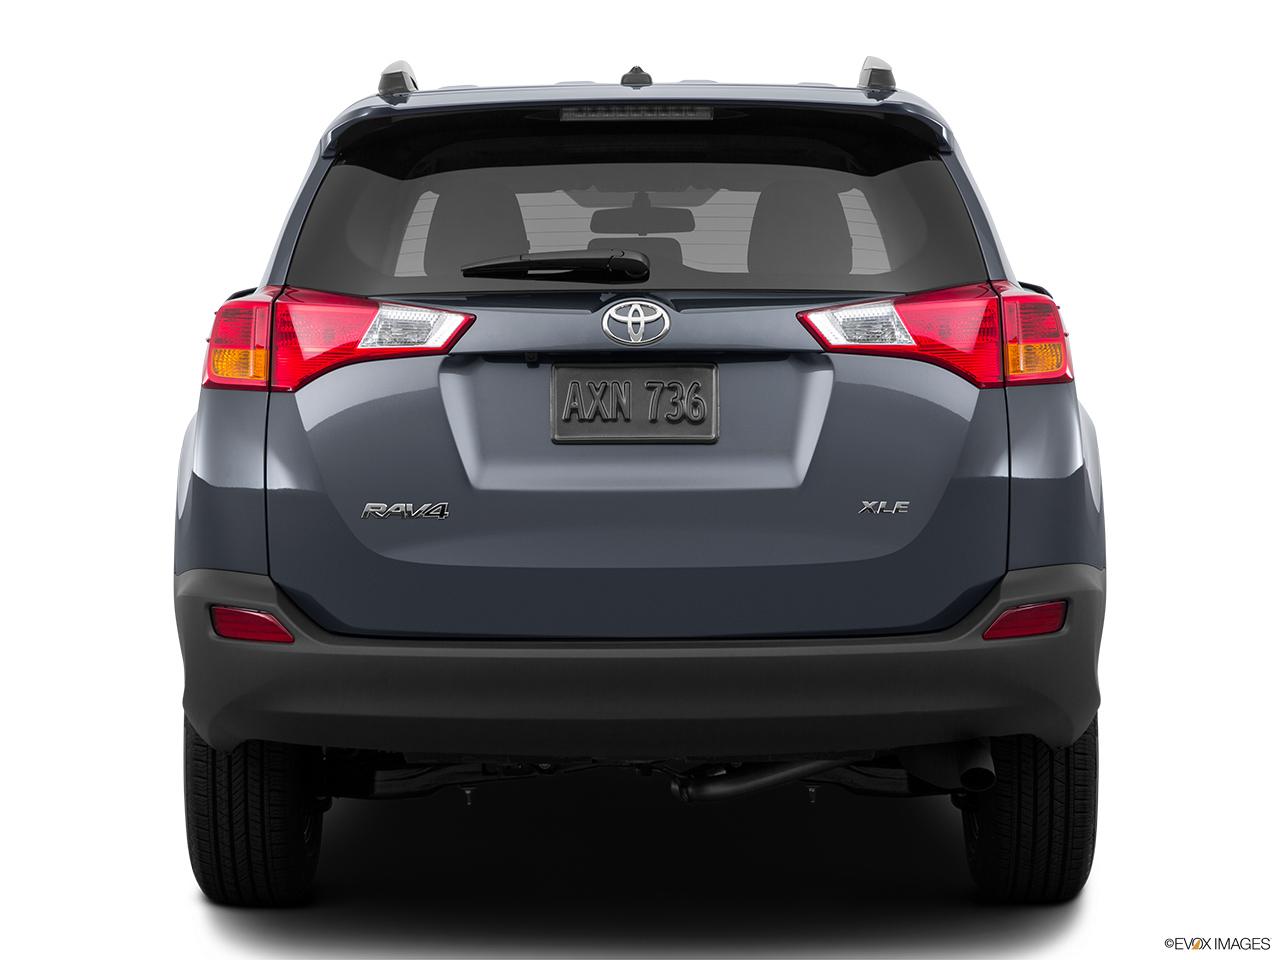 hight resolution of 2015 toyota rav4 fwd 4 door xle low wide rear